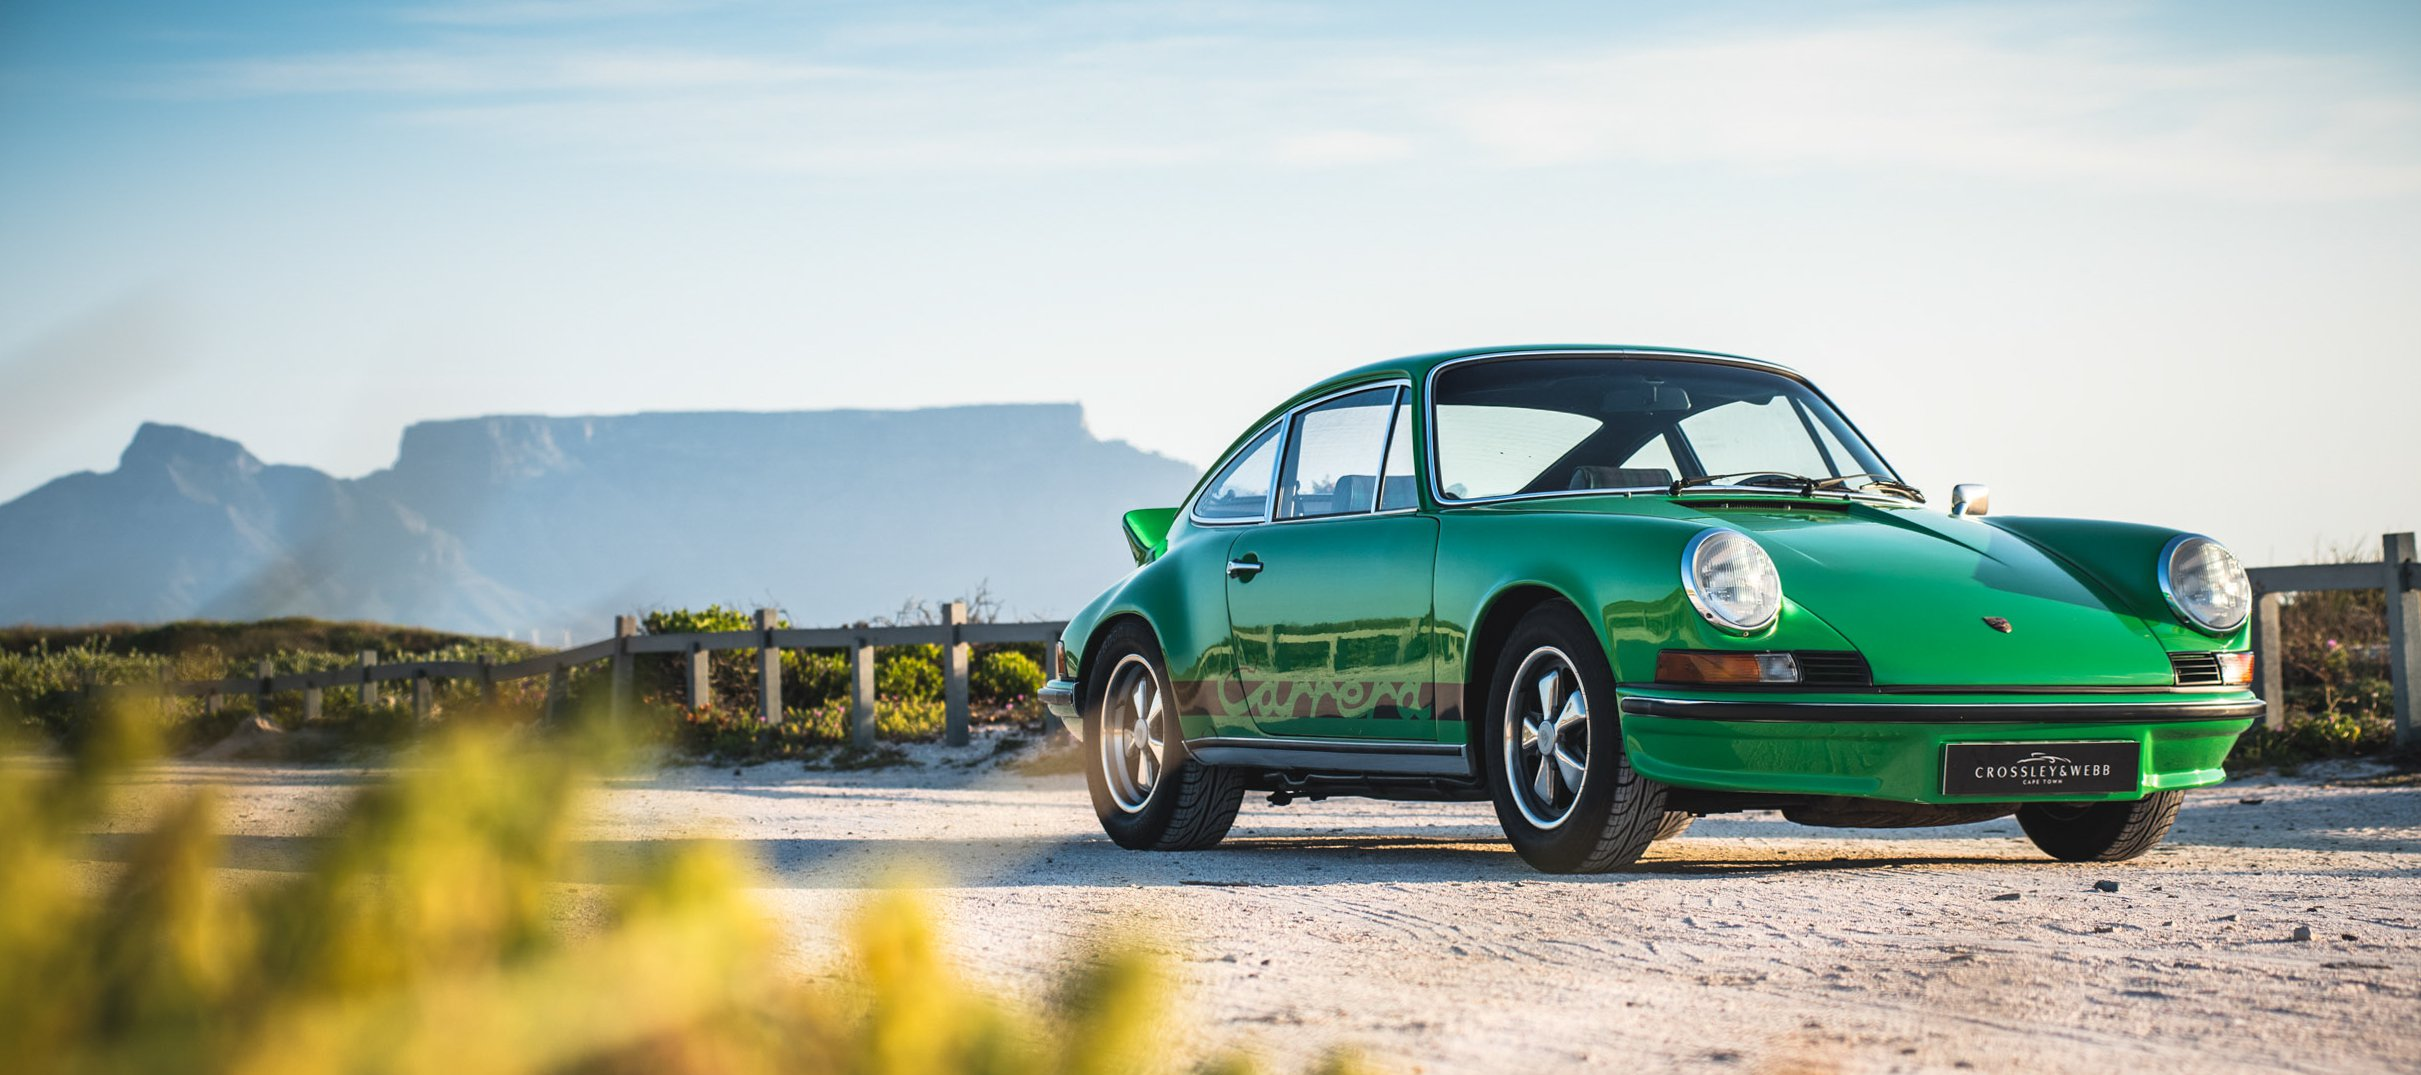 Porsche 911 16 9 2 (1 of 1).jpg